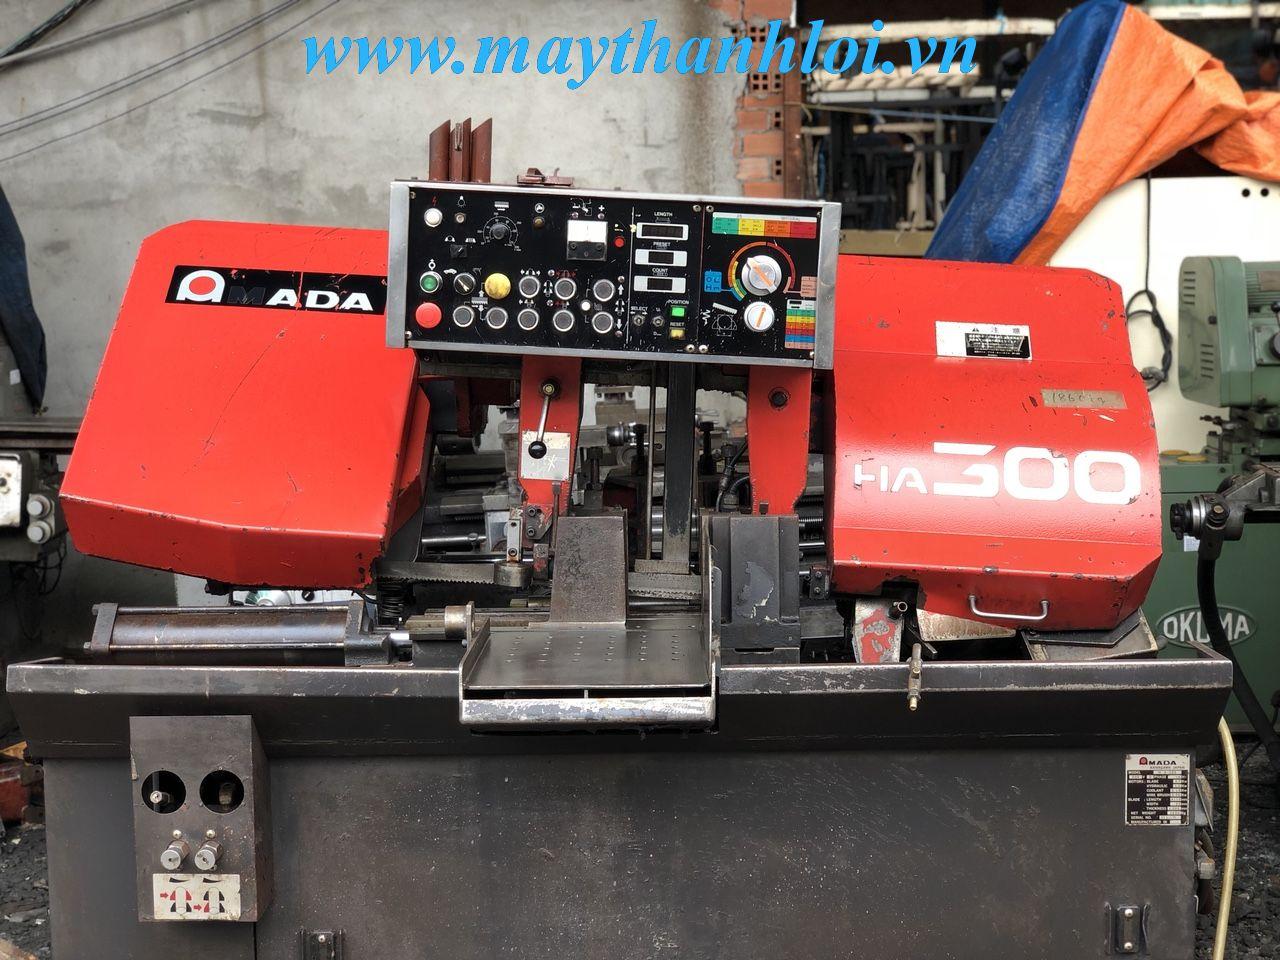 Máy cưa AMADA HA-300